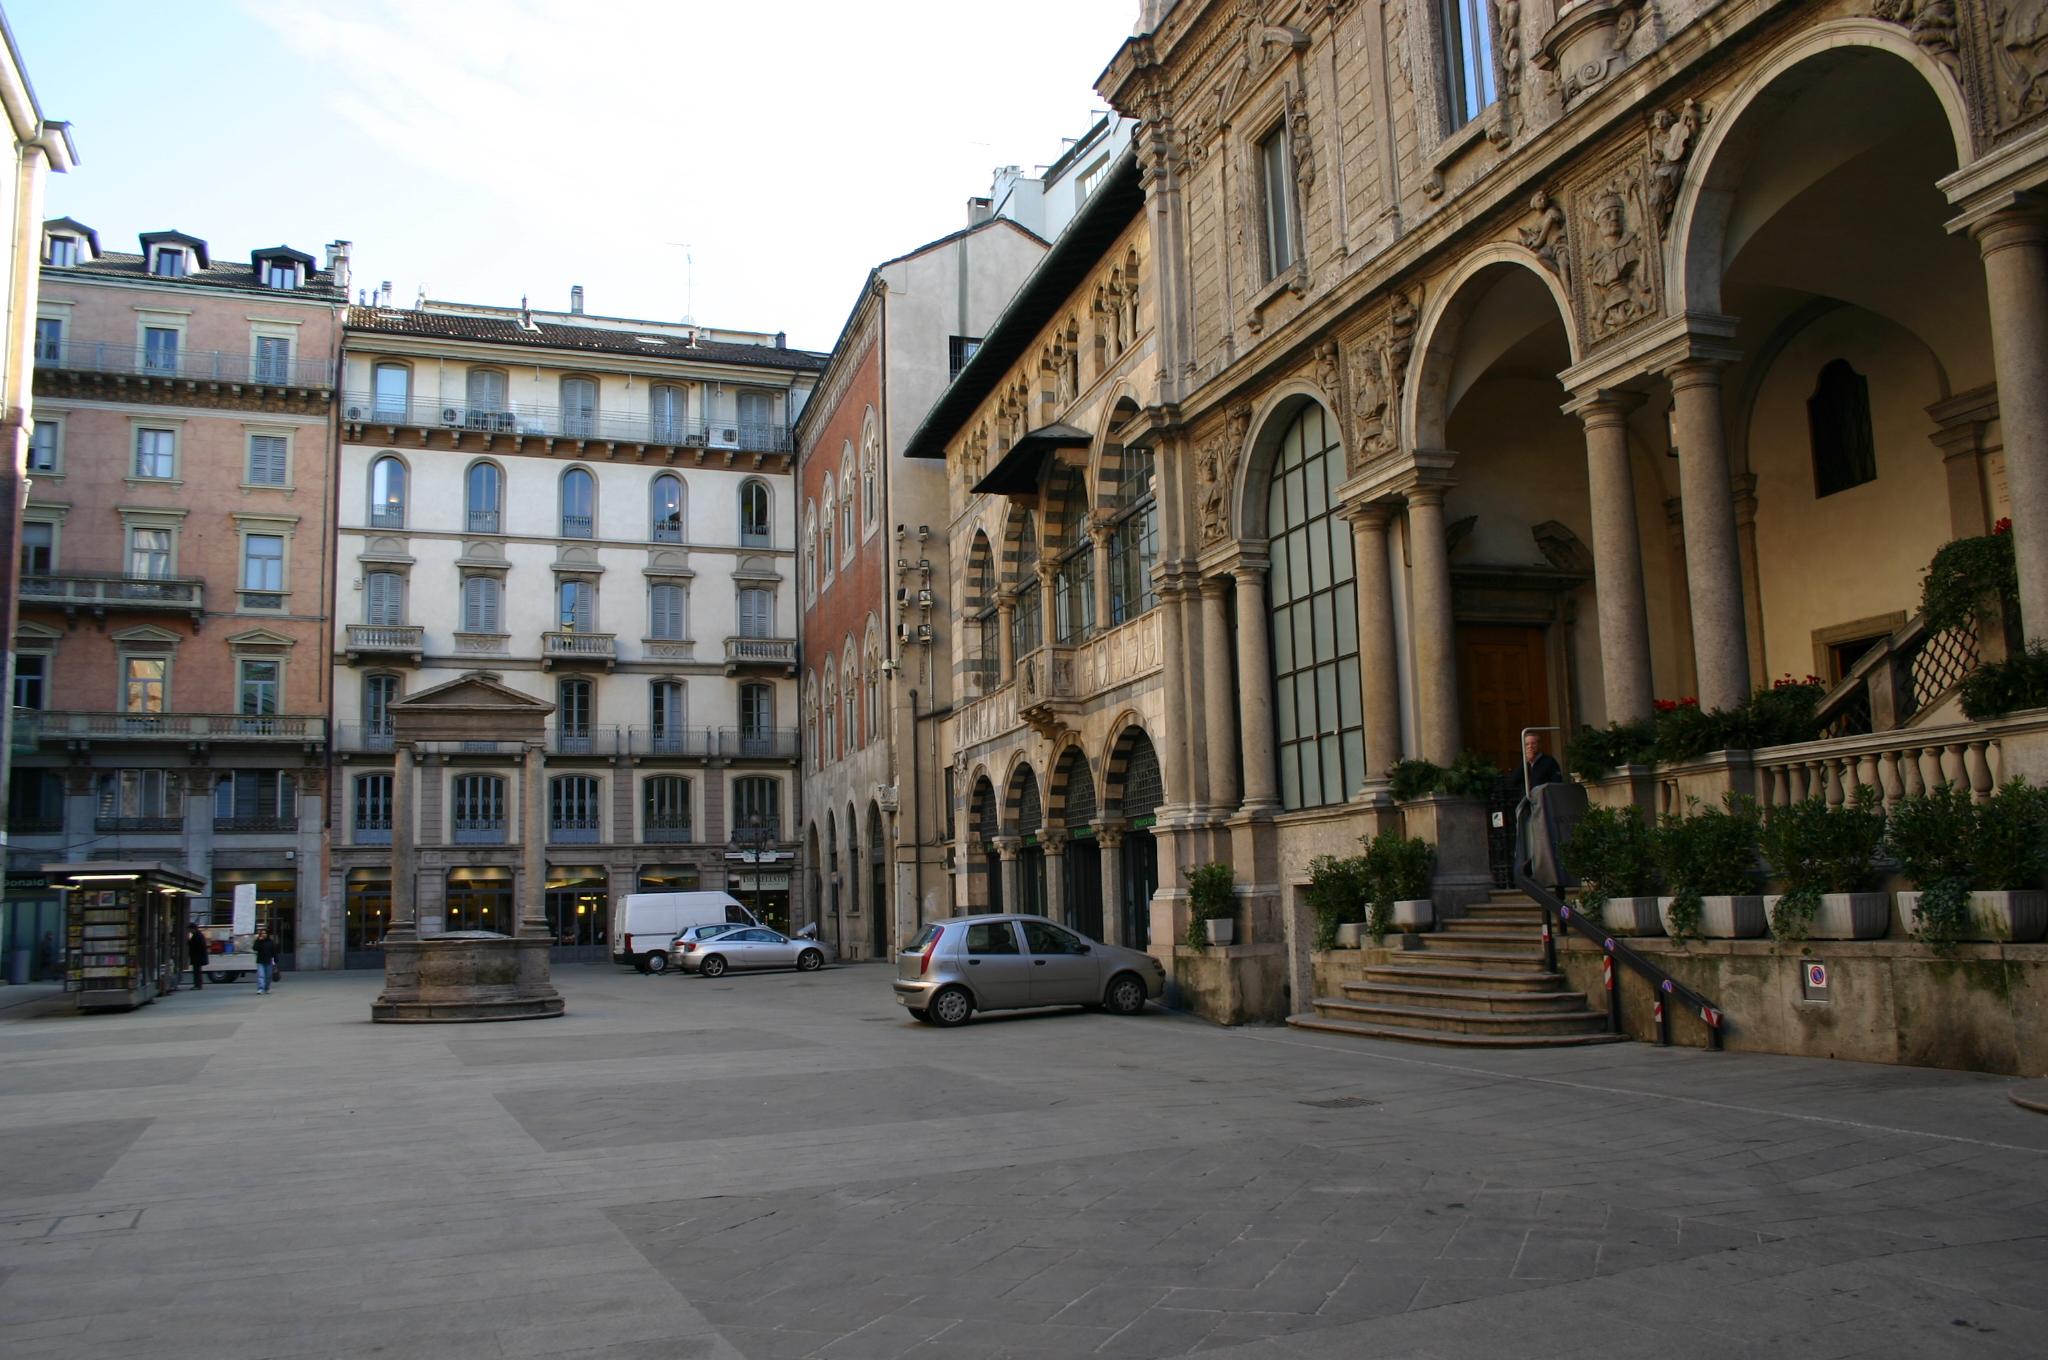 4761 - Milano - Piazza Mercanti - Foto Giovanni Dall'Orto, 23-Jan-2008.jpg